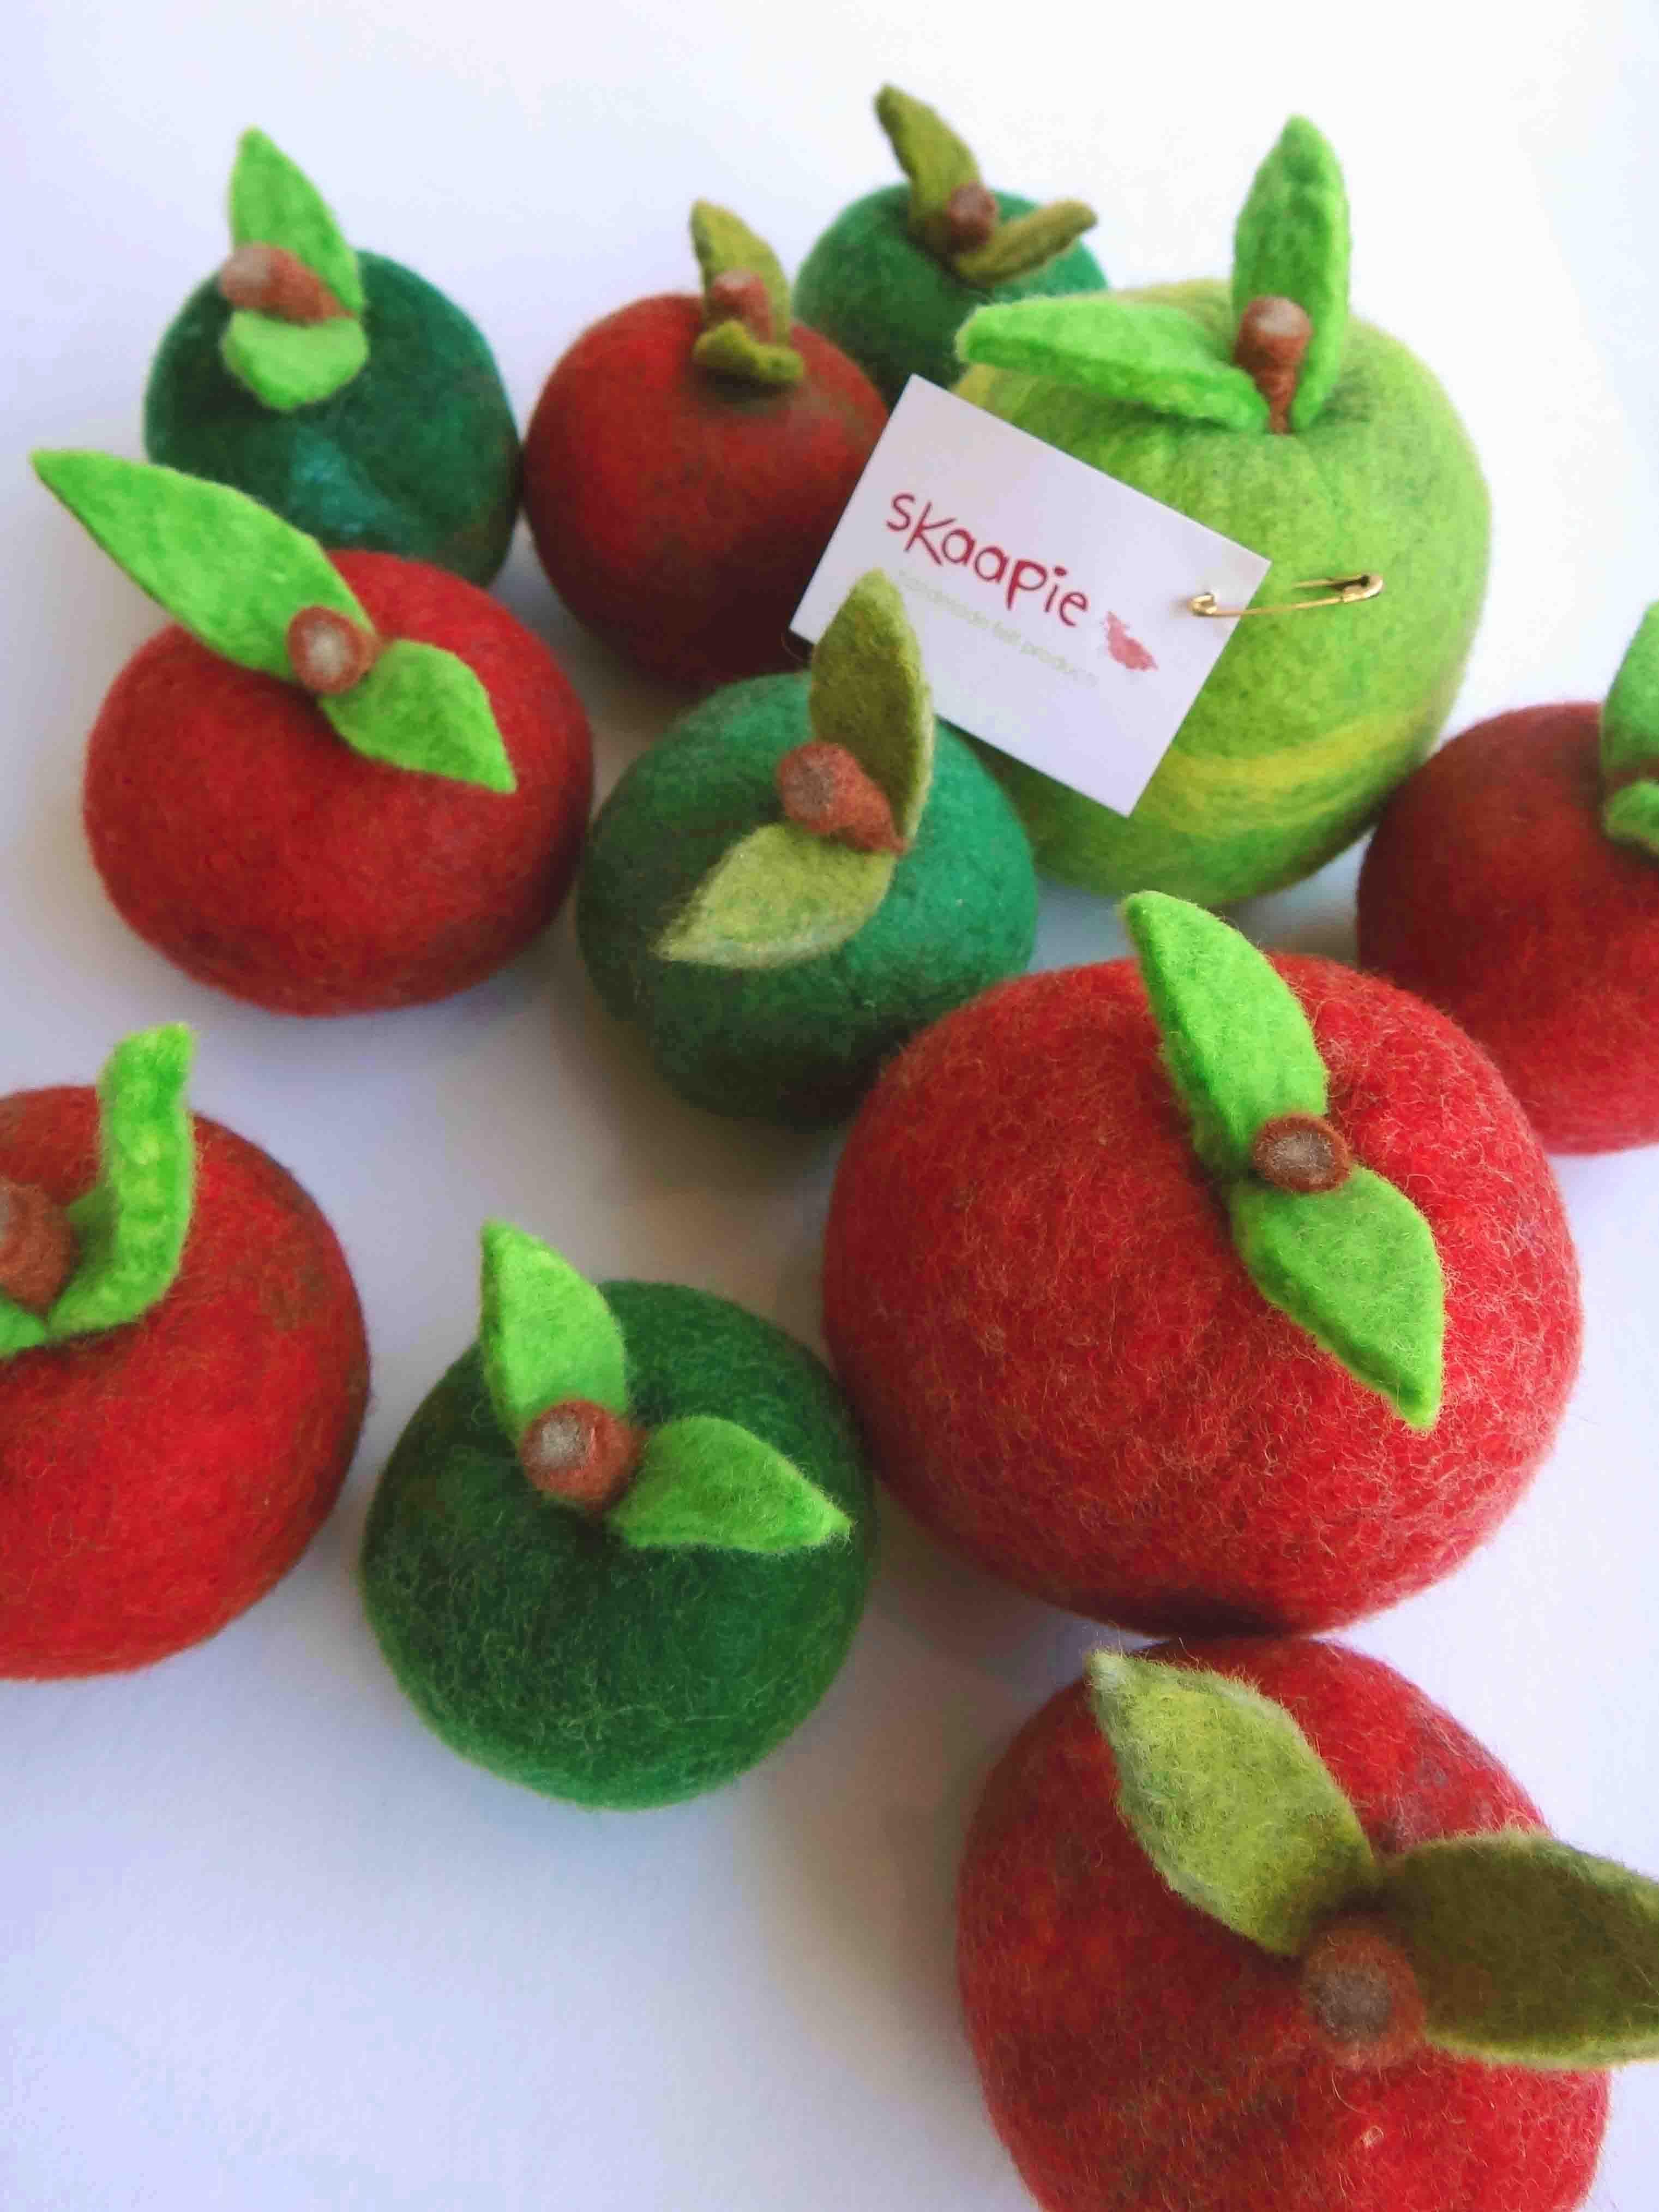 Handmade felt apples by Skaapie in KIN on Kloof, Cape Town